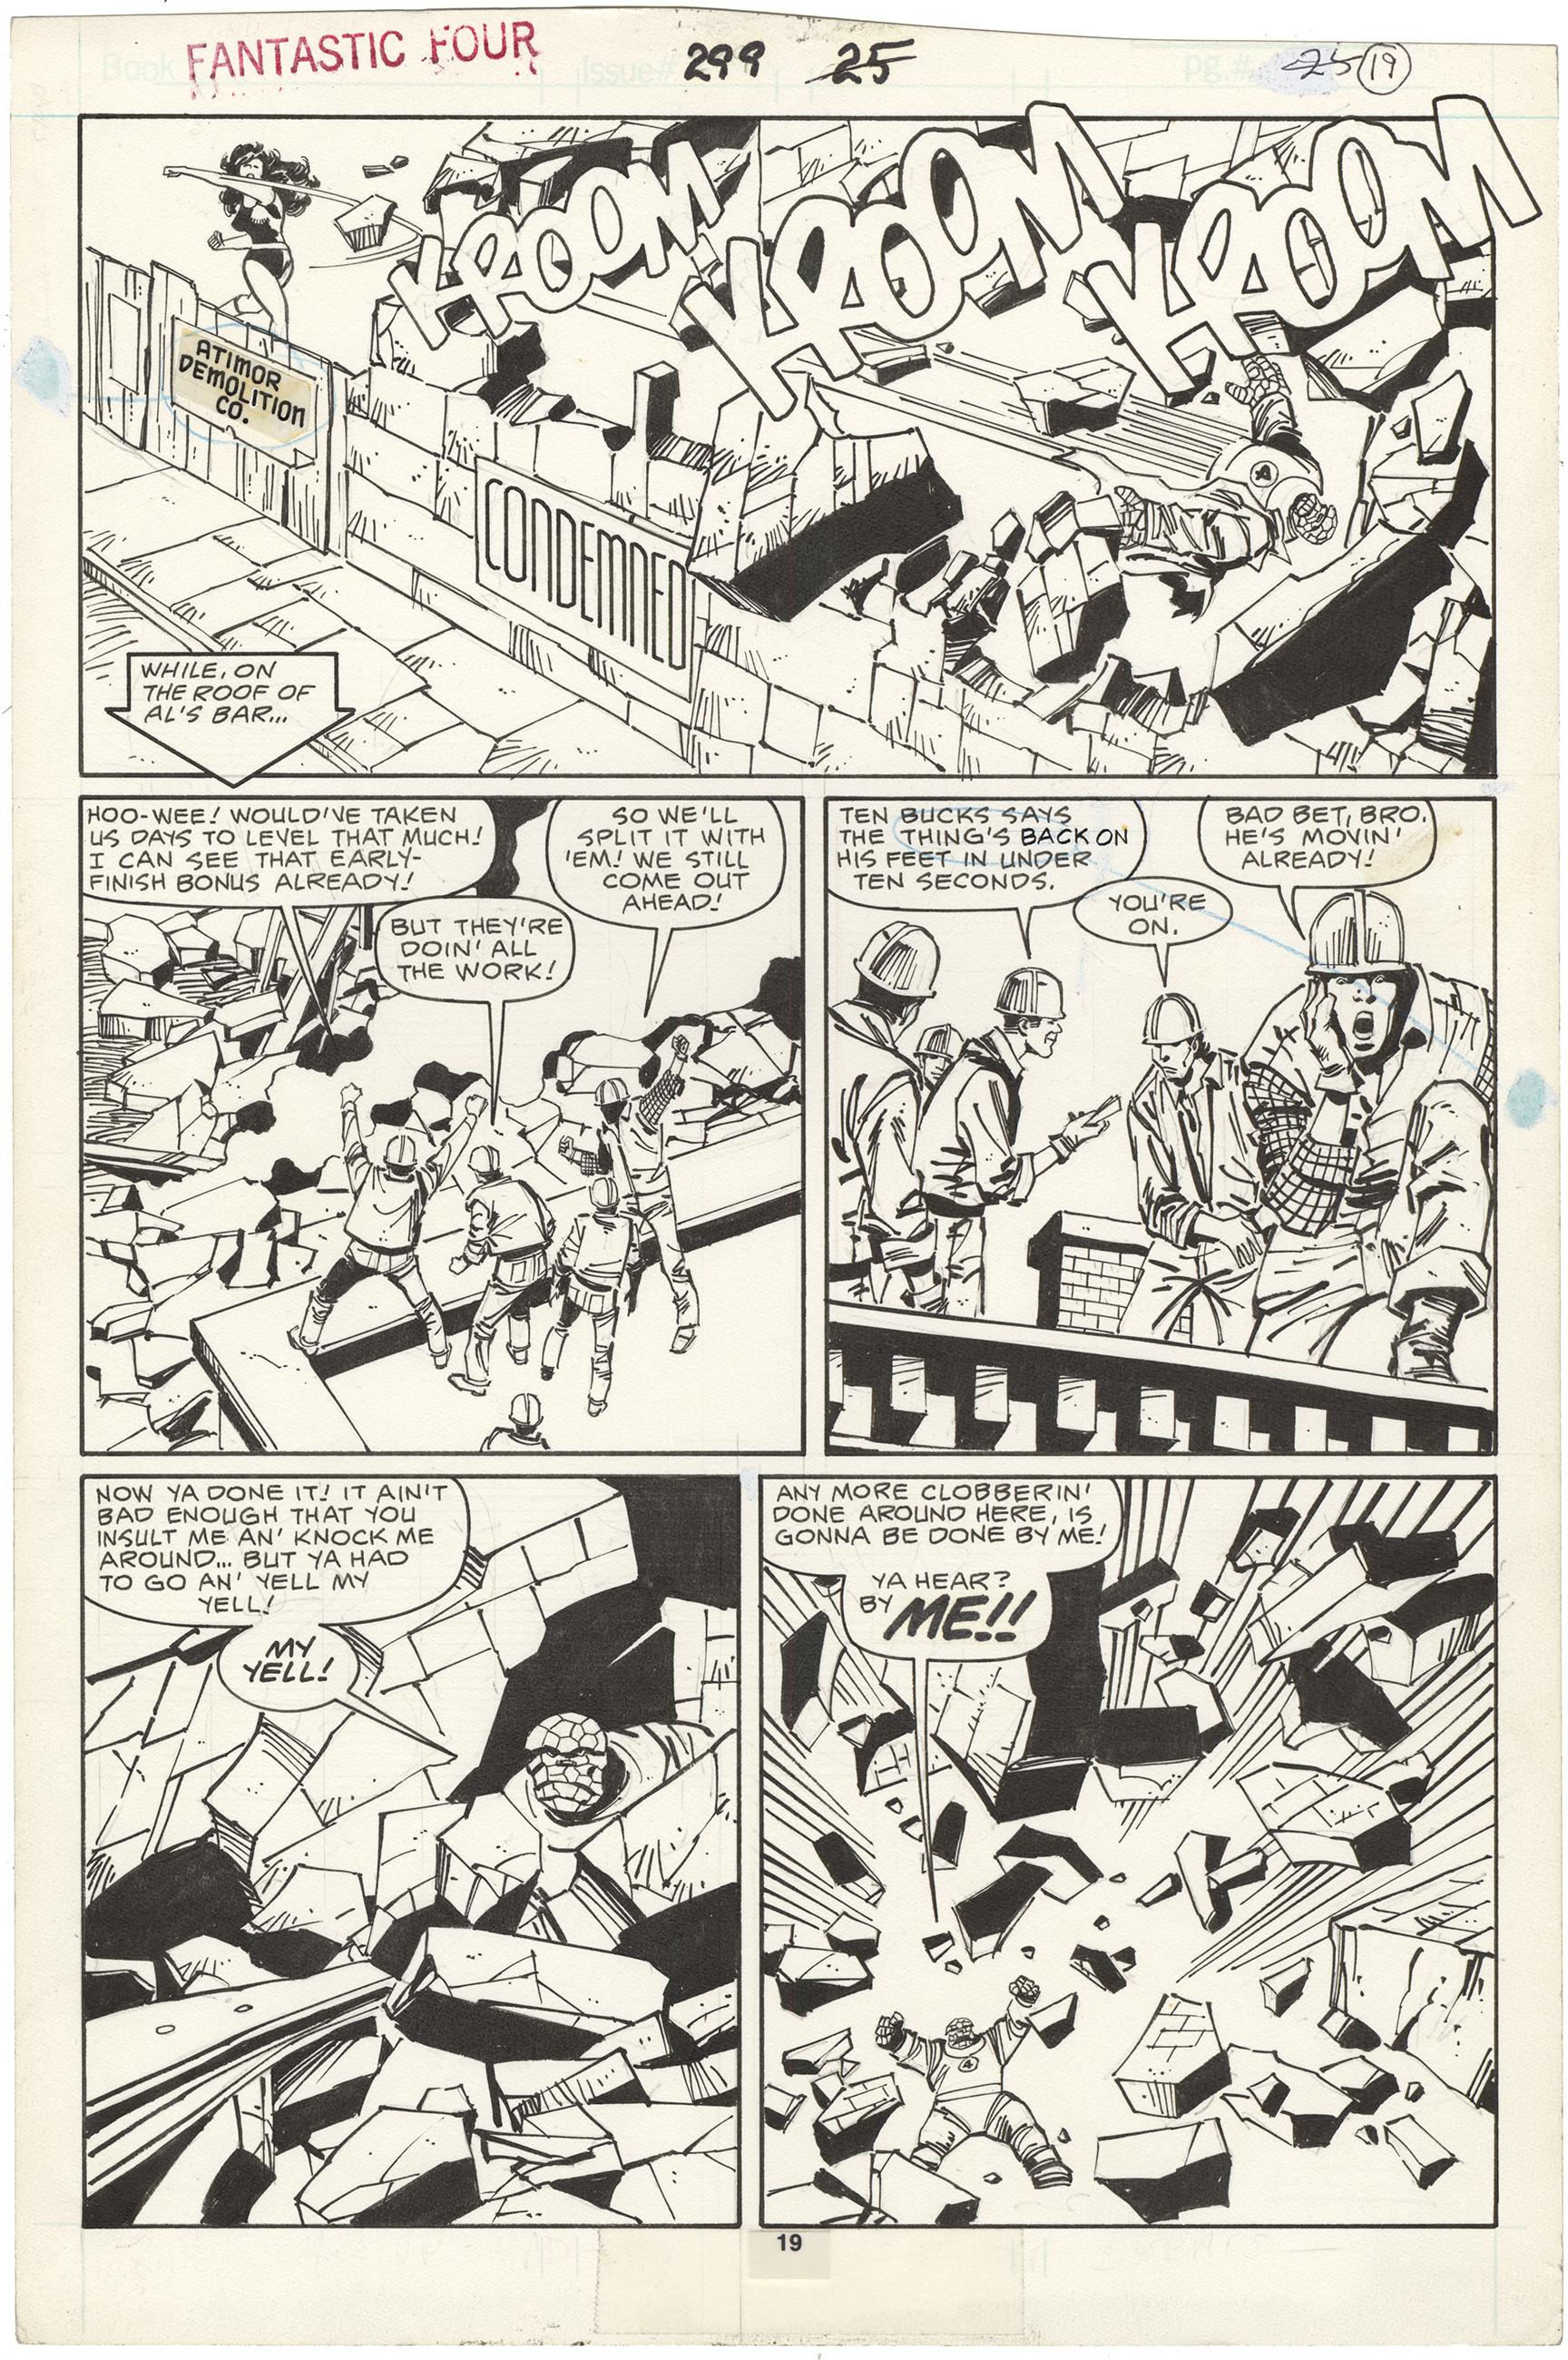 Fantastic Four #299 p19